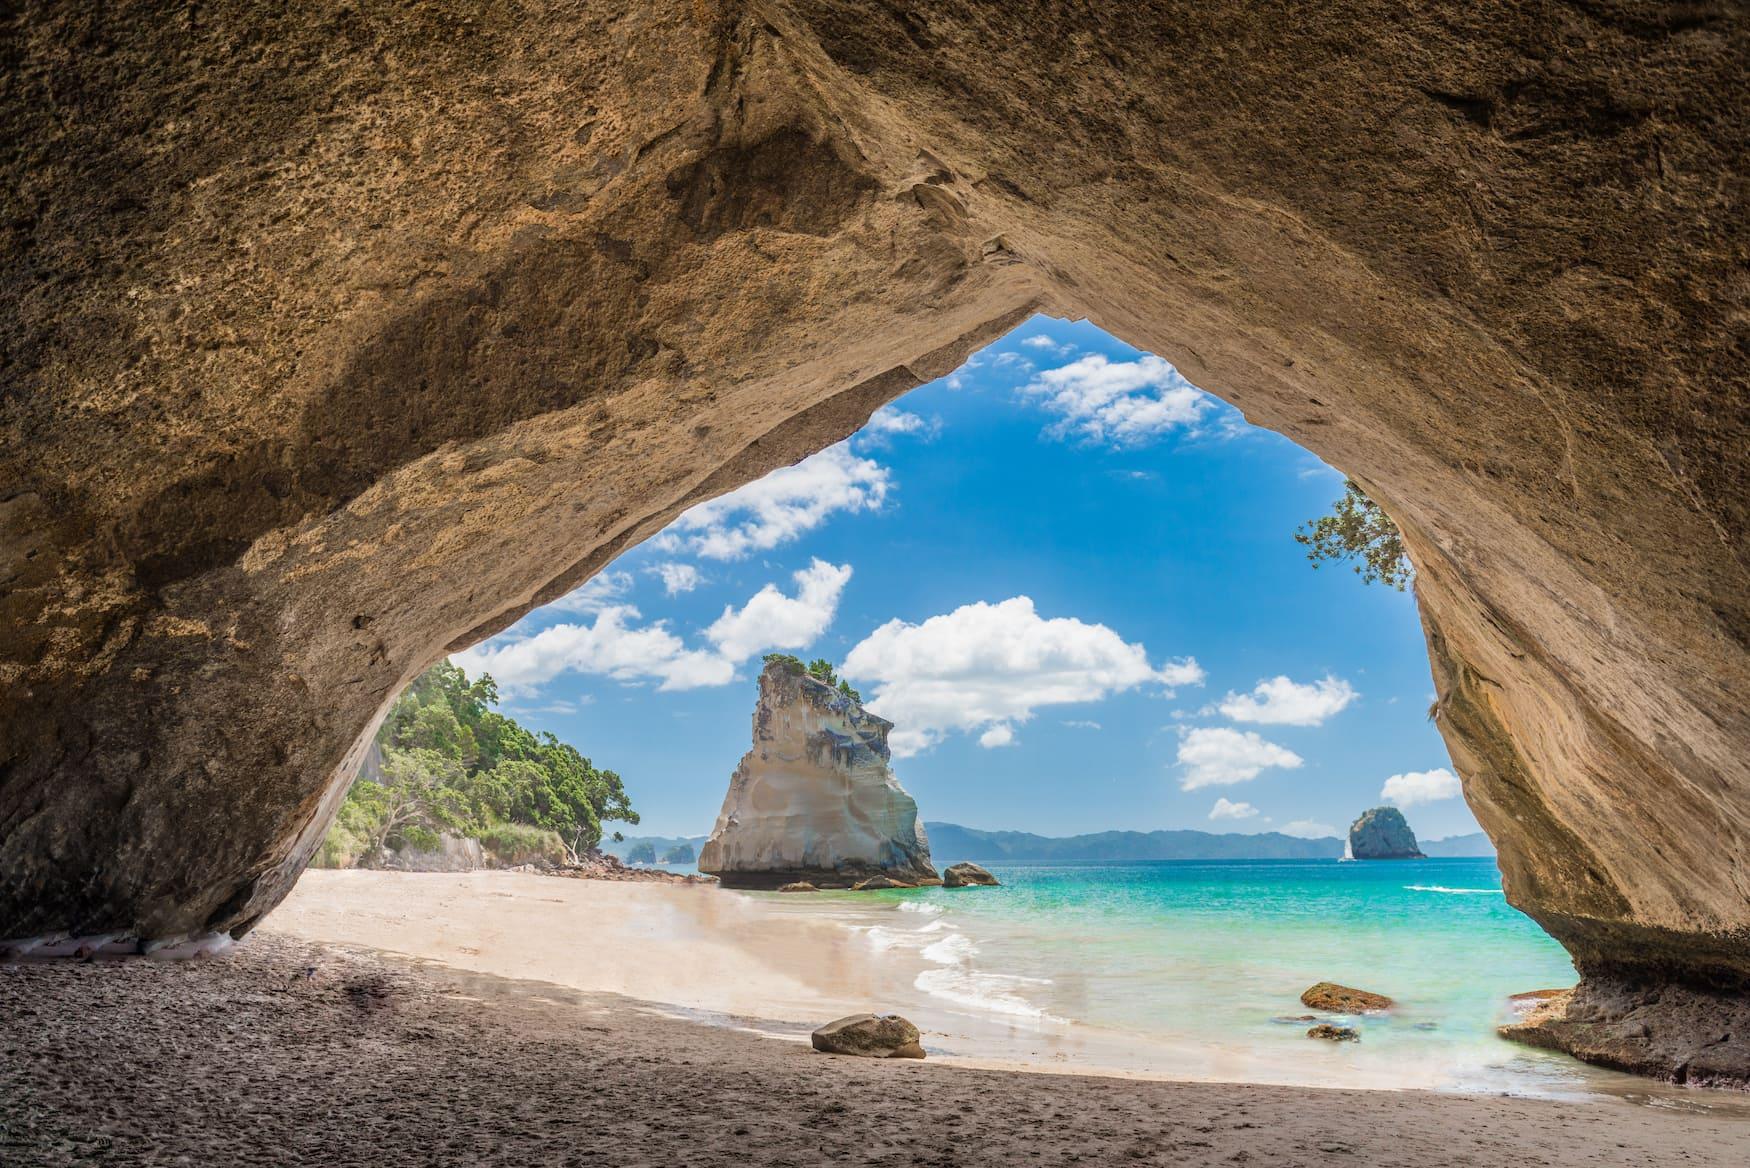 Kathedral-Höhle auf der Coromandel-Halbinsel auf der Nordinsel Neuseelands